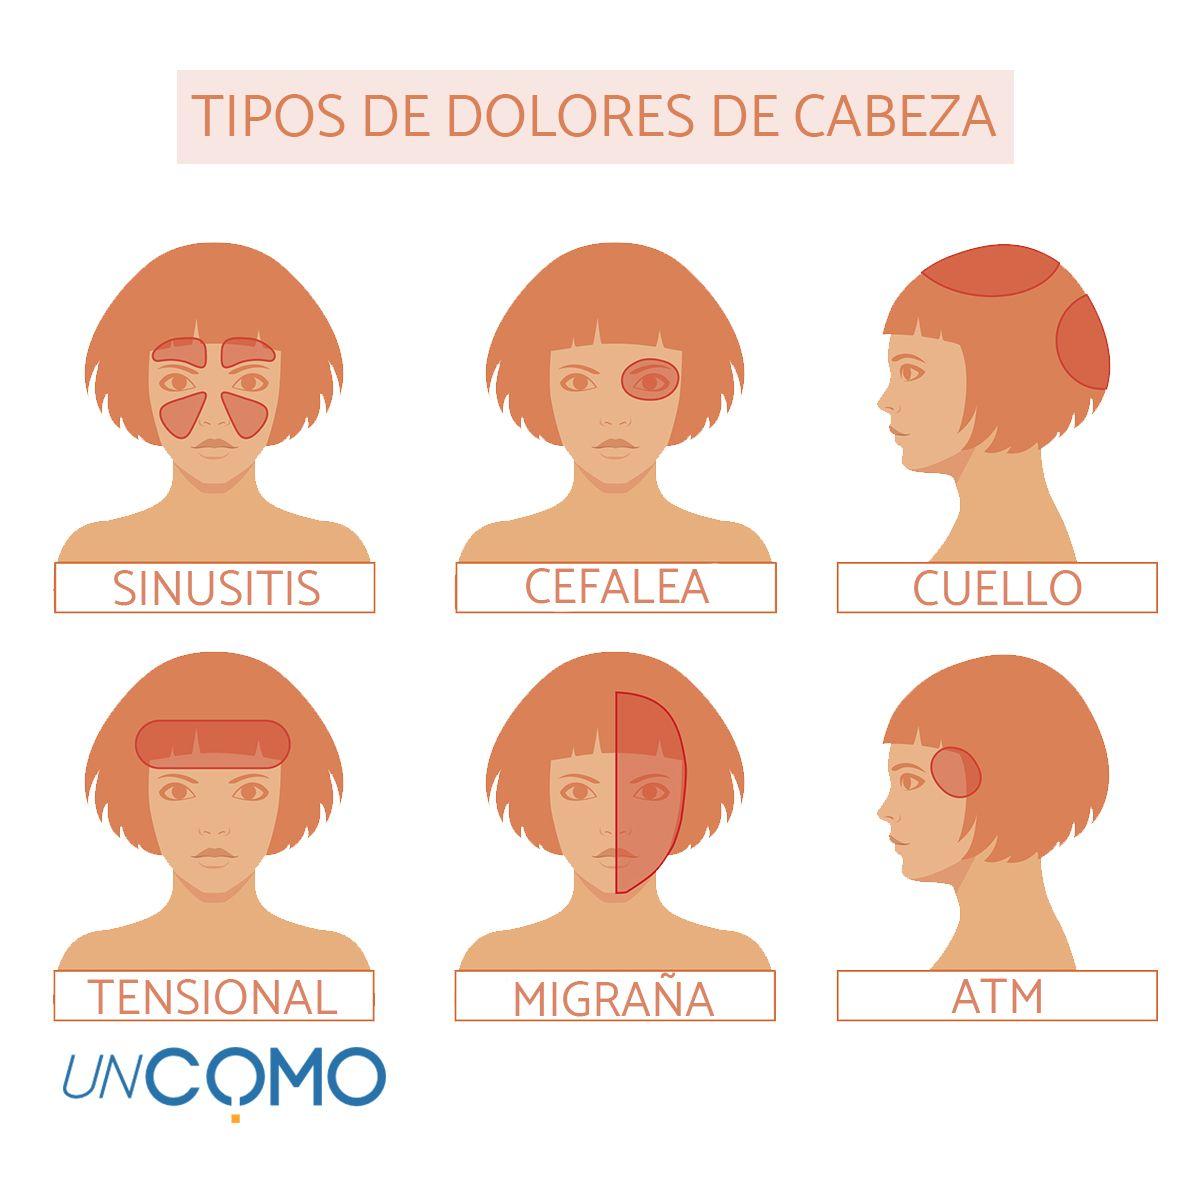 Tipos De Dolores De Cabeza Cada Parte De Nuestro Cráneo Puede Provocar Un Dolor De Cabeza Distinto Tipos De Dolor De Cabeza Dolores De Cabeza Dolor De Cabeza